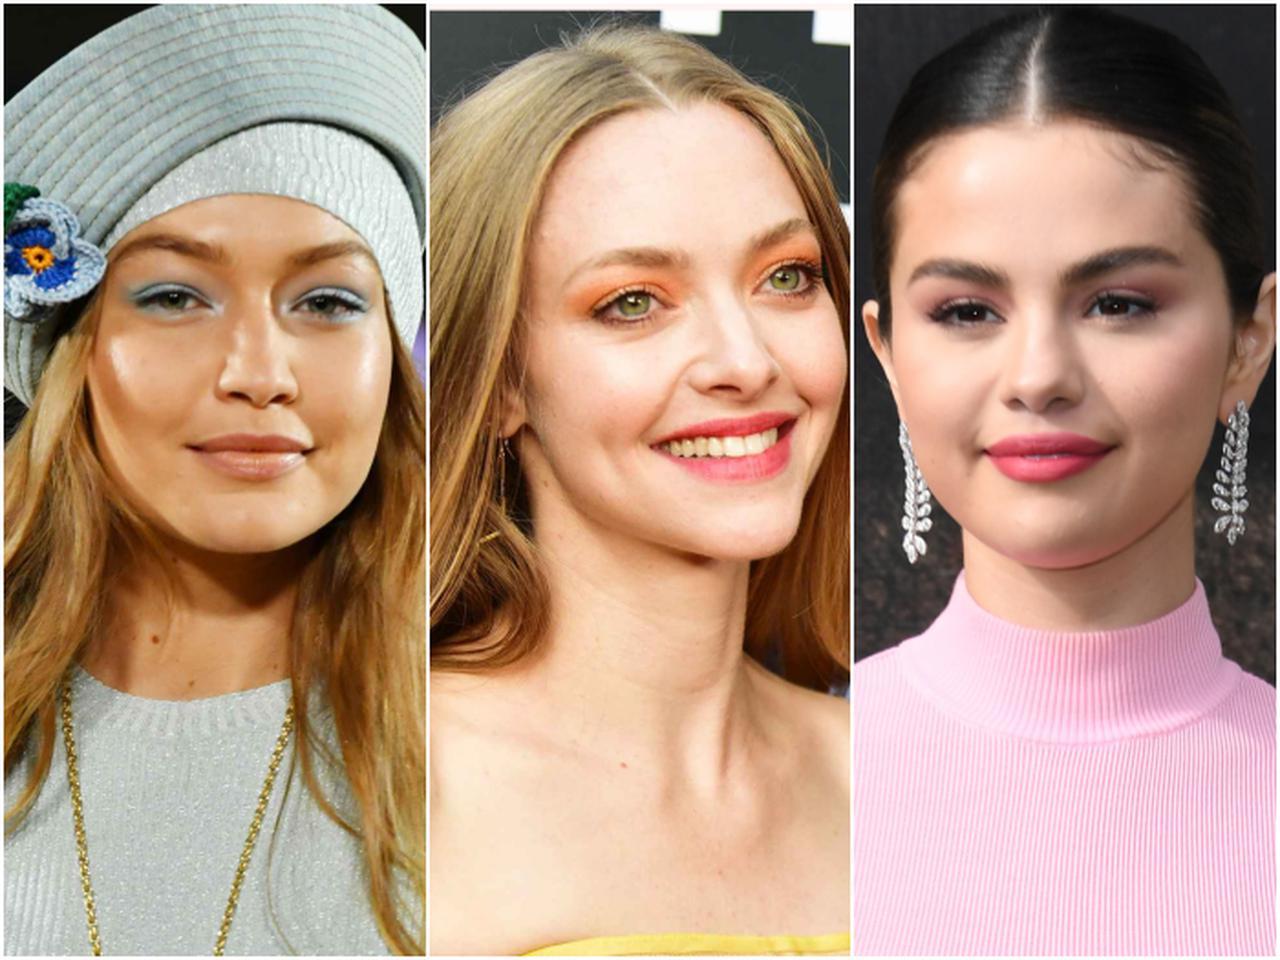 画像: 左からモデルのジジ・ハディッド、女優のアマンダ・サイフリッド、シンガーのセレーナ・ゴメス